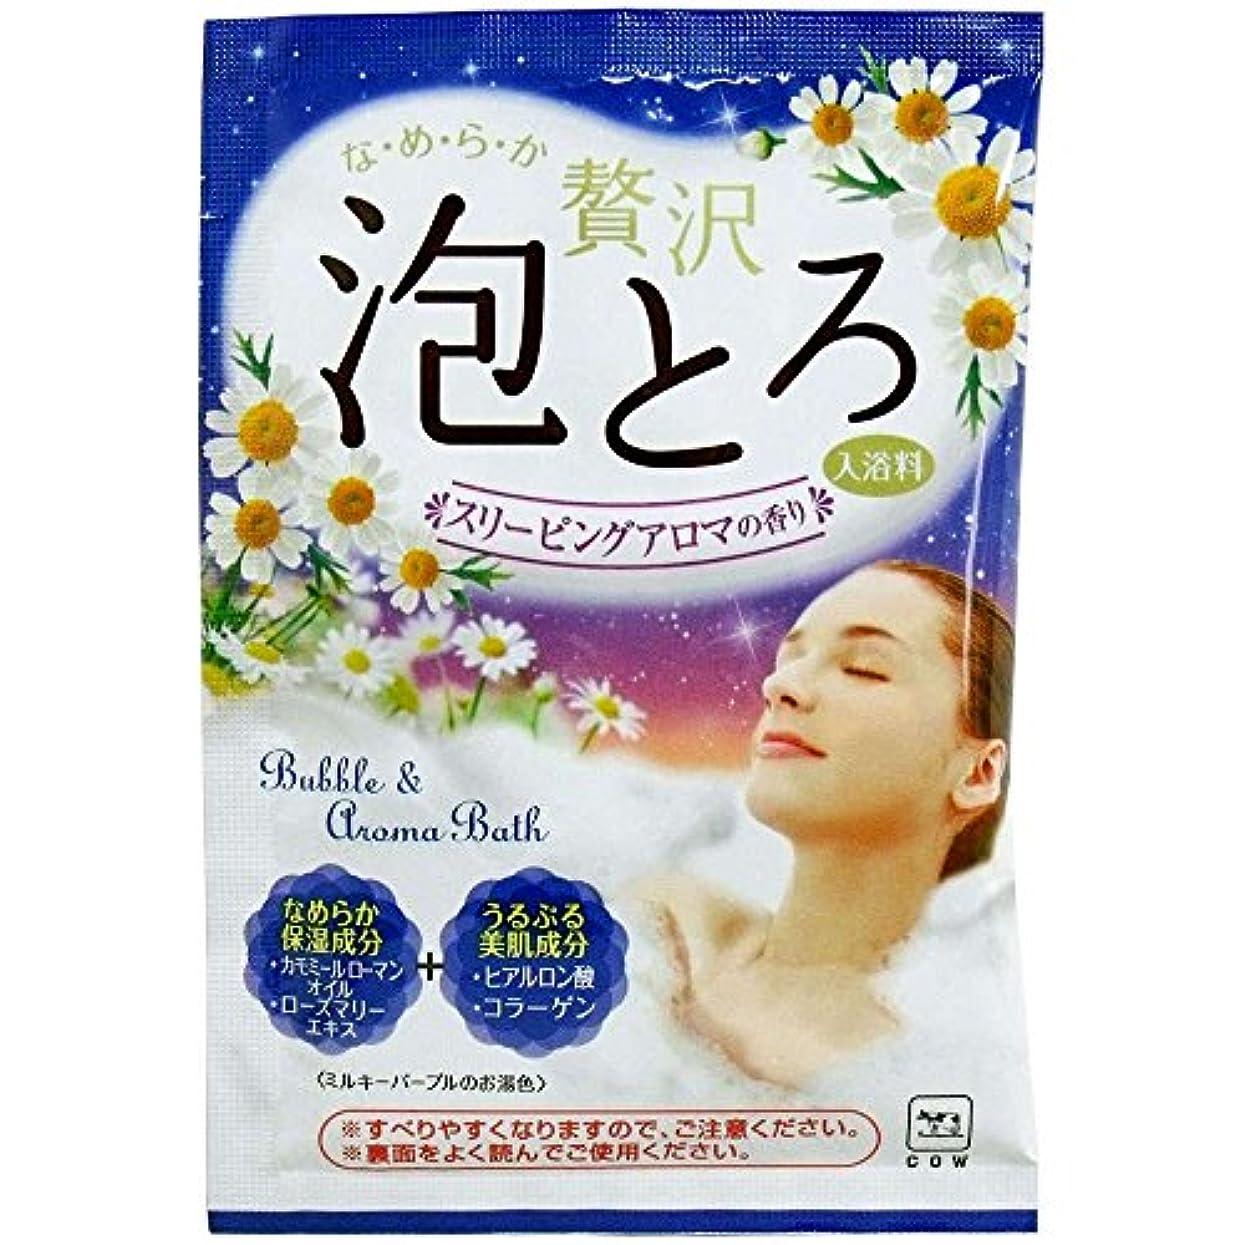 日光コーン案件牛乳石鹸 お湯物語 贅沢泡とろ 入浴料 スリーピングアロマ 30g